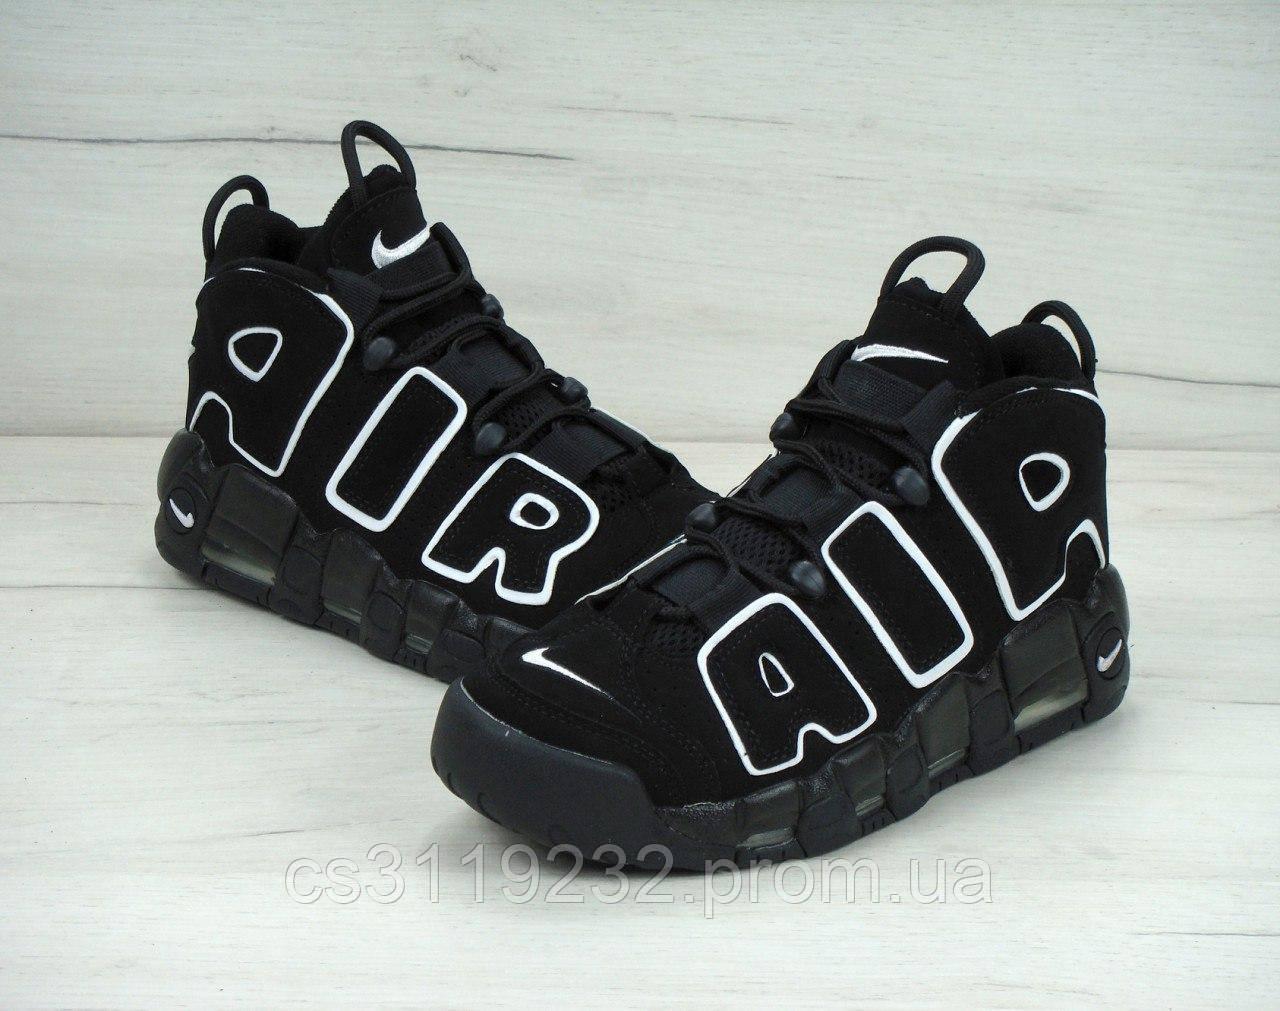 Женские кроссовки Nike Air More Uptempo (черные)